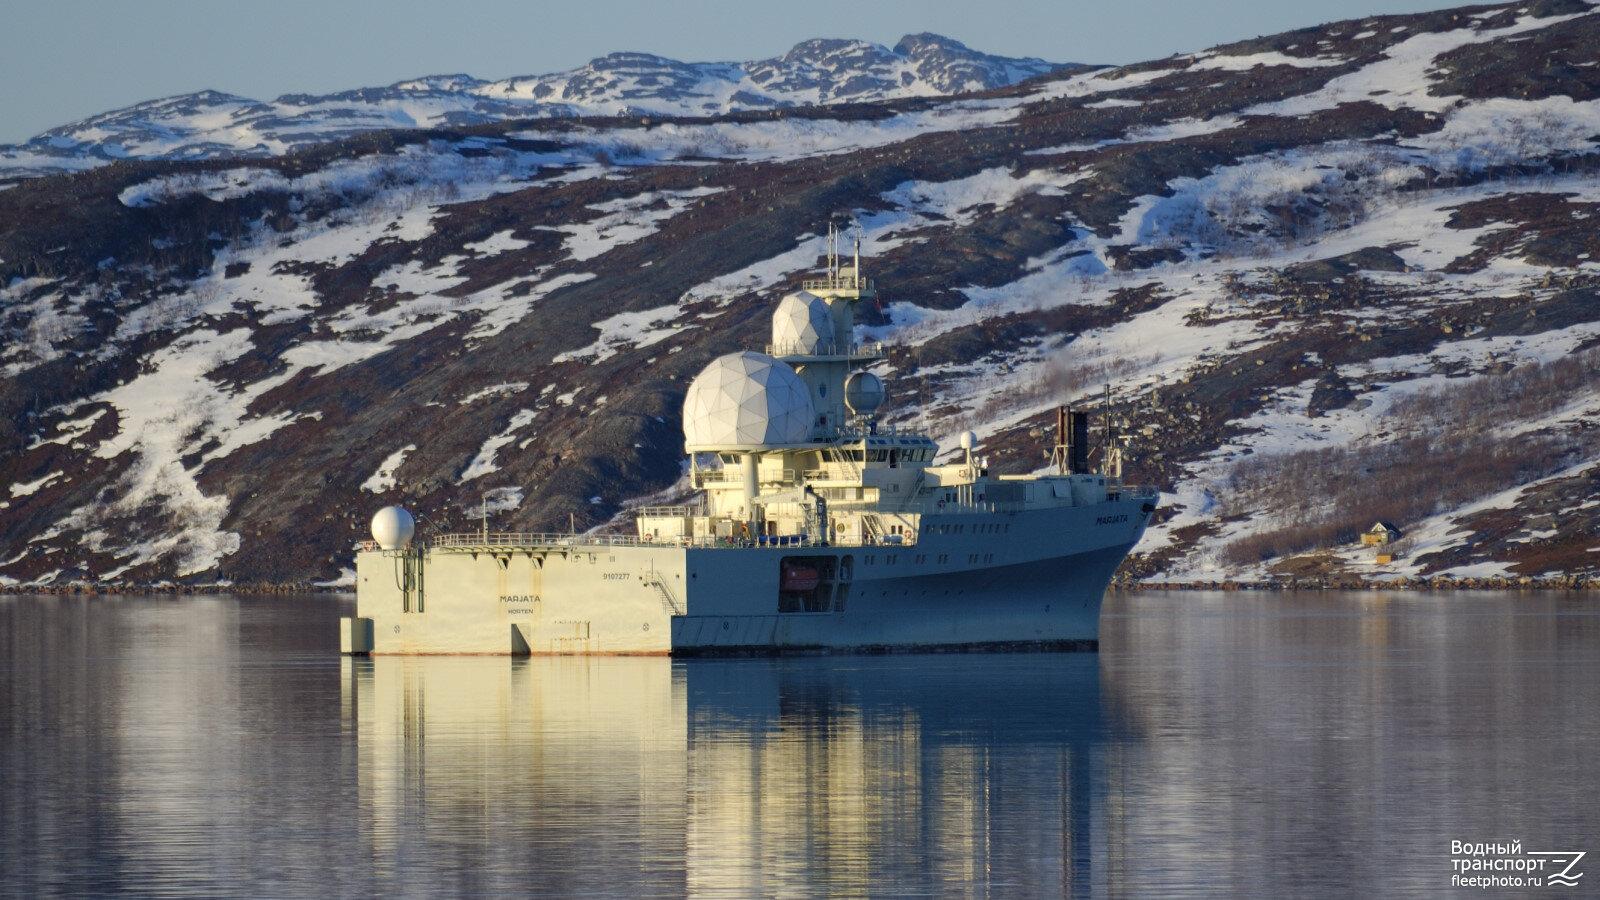 """""""Марьята"""" ВМС Норвегии"""